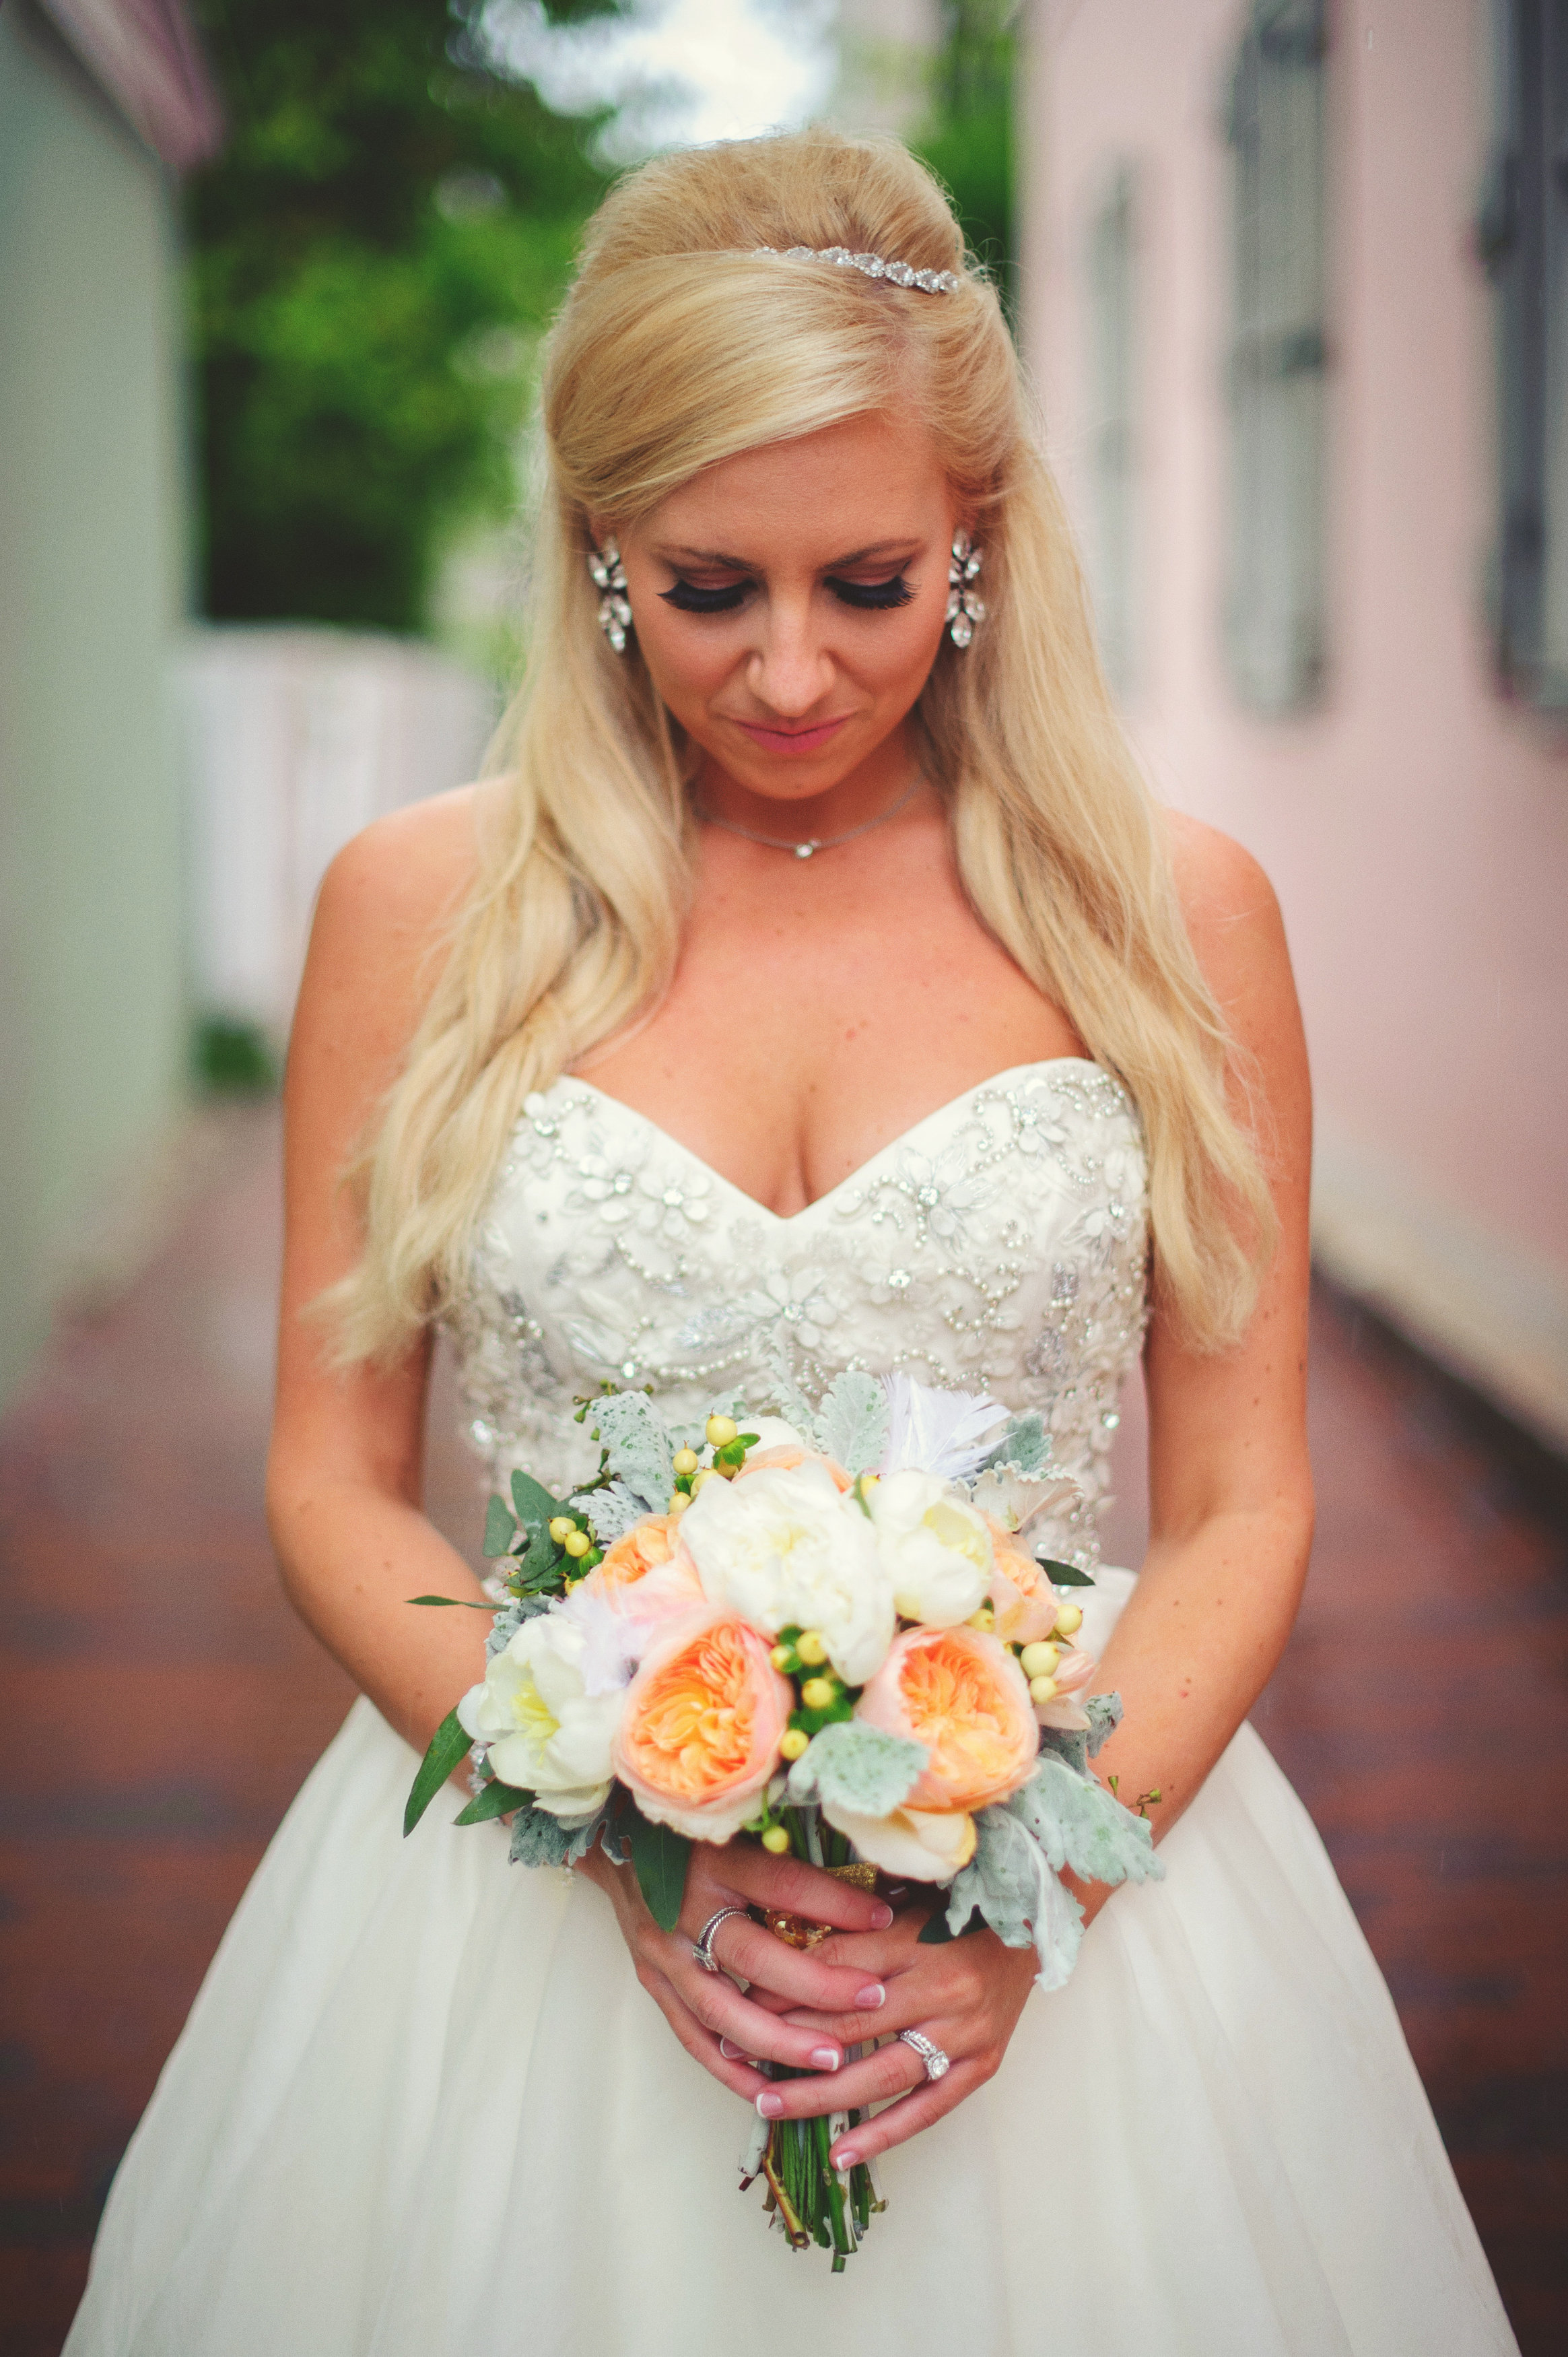 Amberlynn w bouquet 1